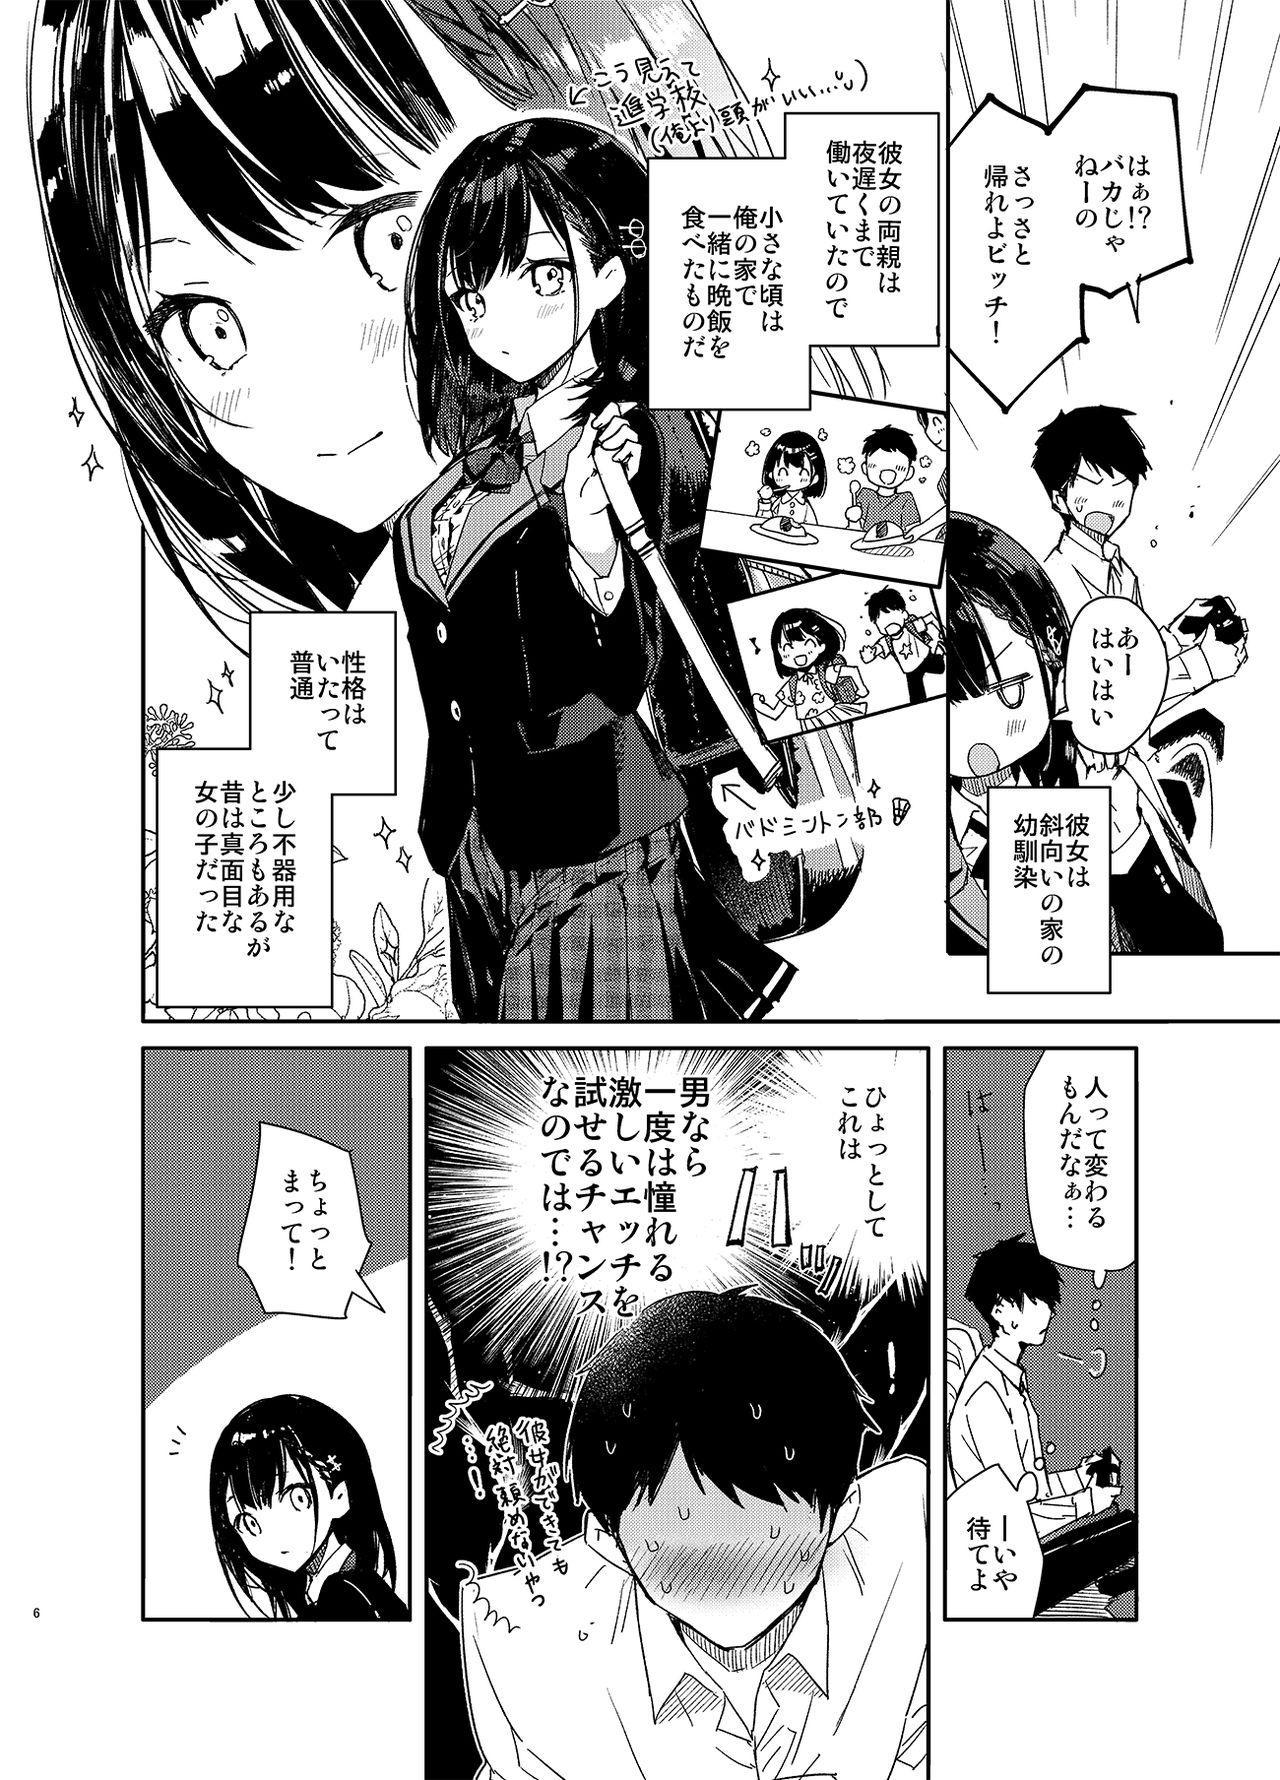 [Mutou Koucha] Jishou Bitch (Uso) no Osananajimi ni Tekagen Nashi Ecchi [Digital] 5